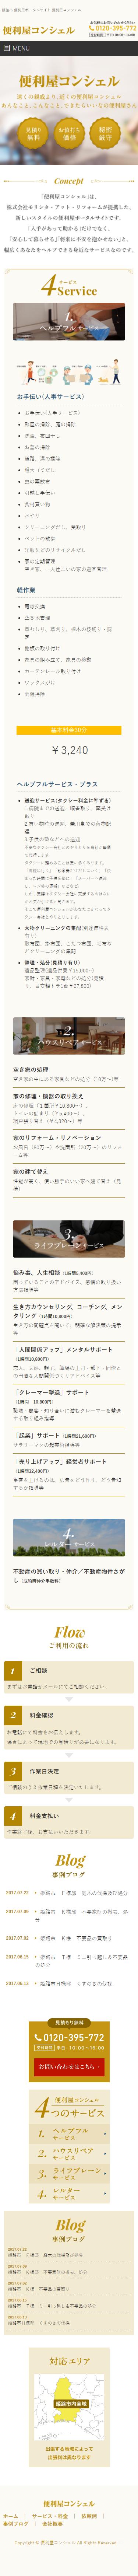 便利屋コンシェル様 ホームページ制作3